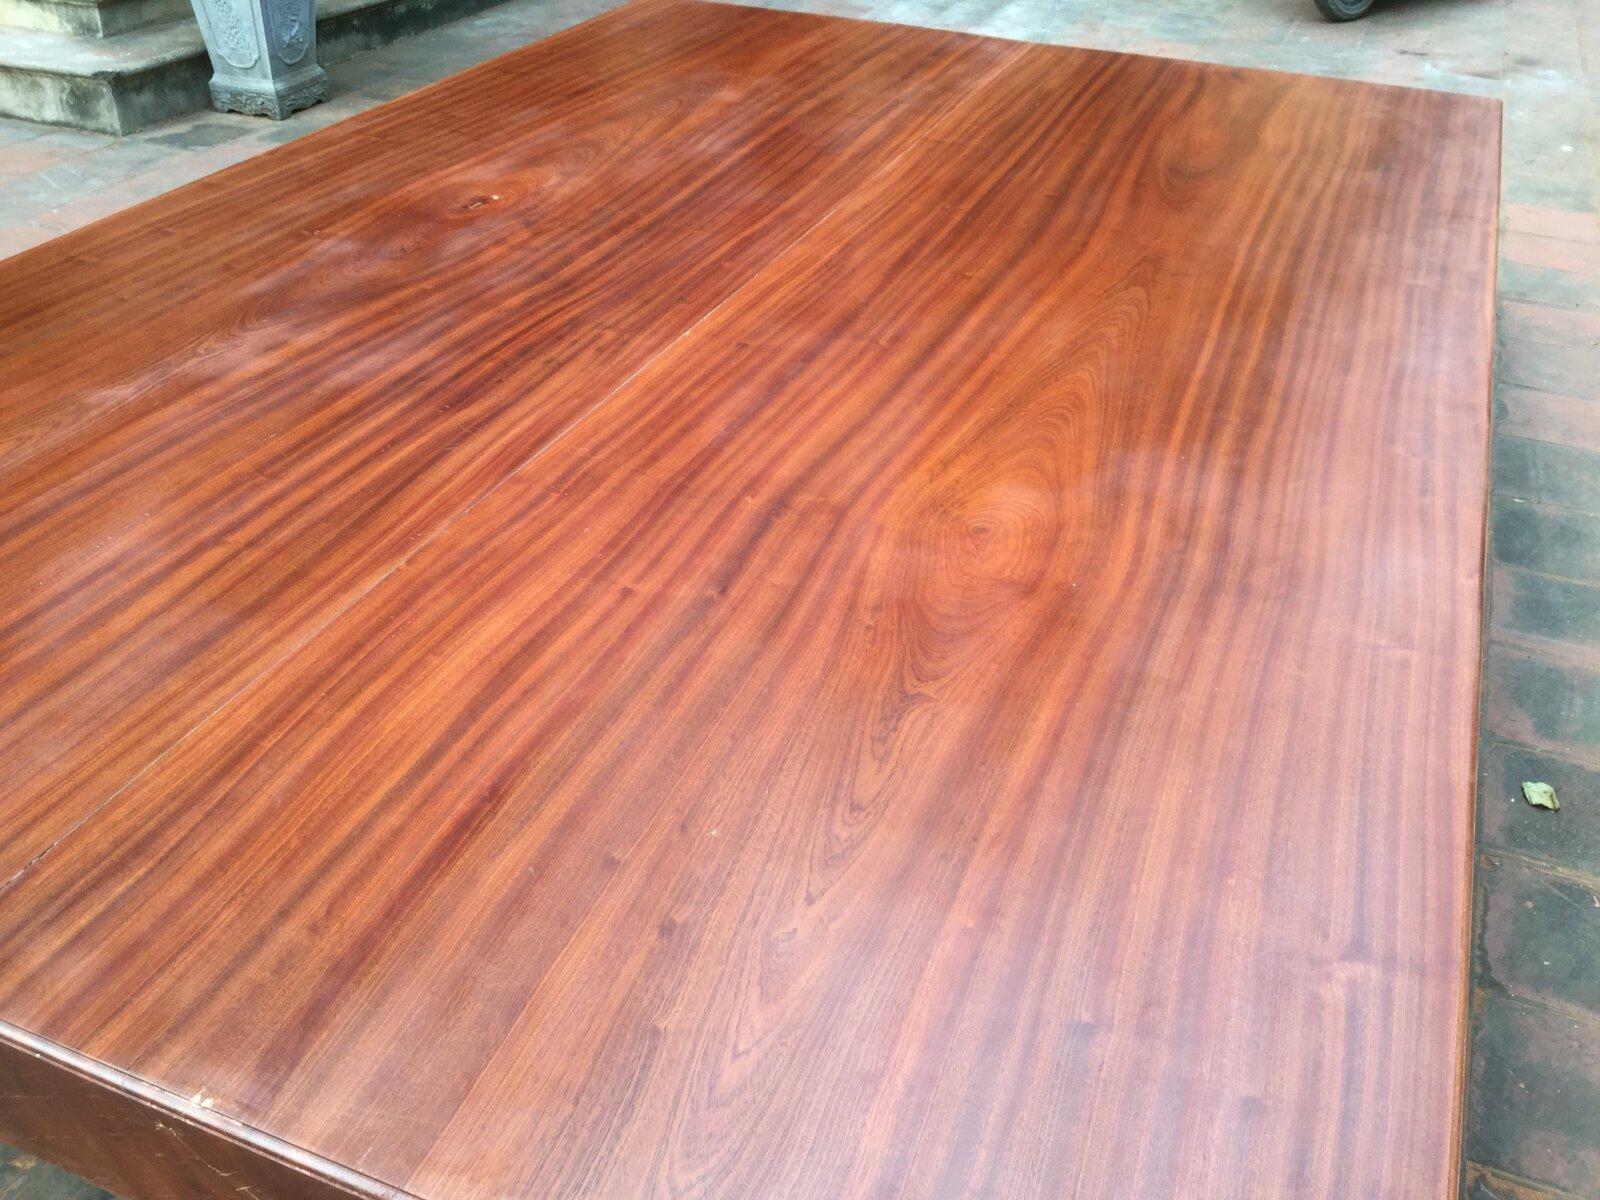 Gỗ giáng hương có độ bền cao, đường vân thớ gỗ mang màu đẹp